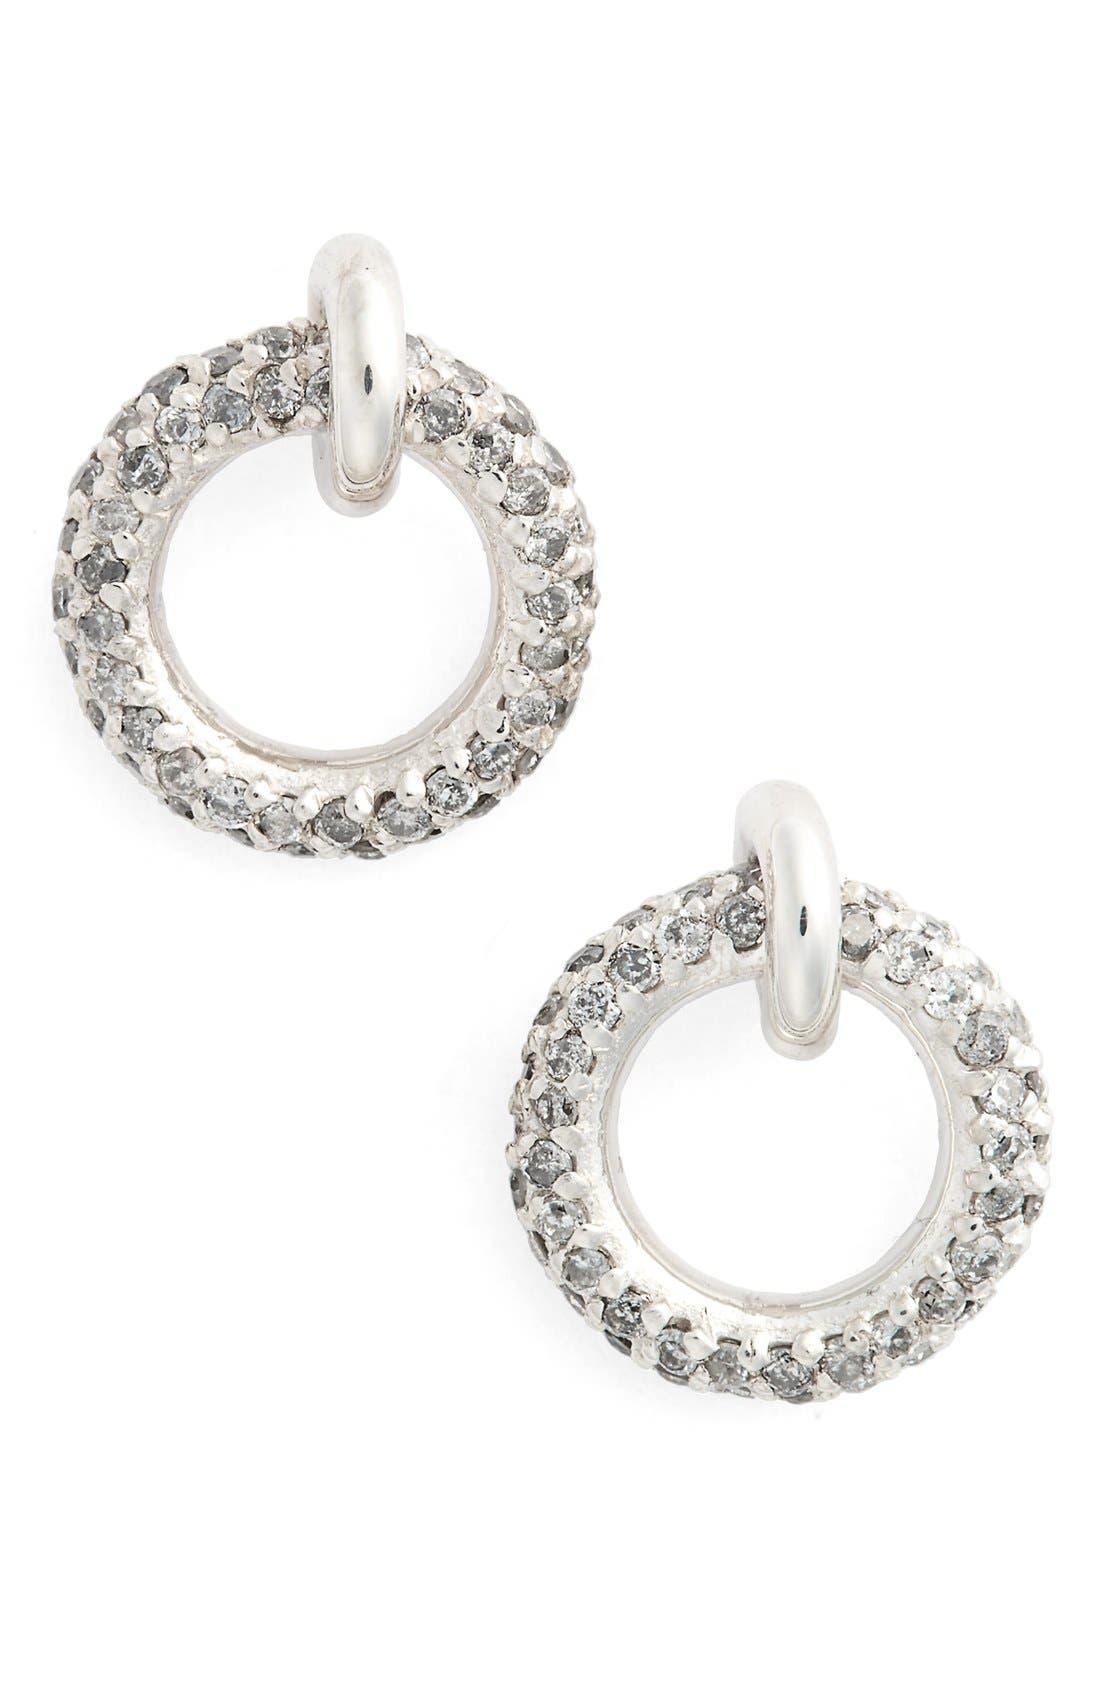 Main Image - Meadowlark Pavé Halo Grey Diamond Stud Earrings